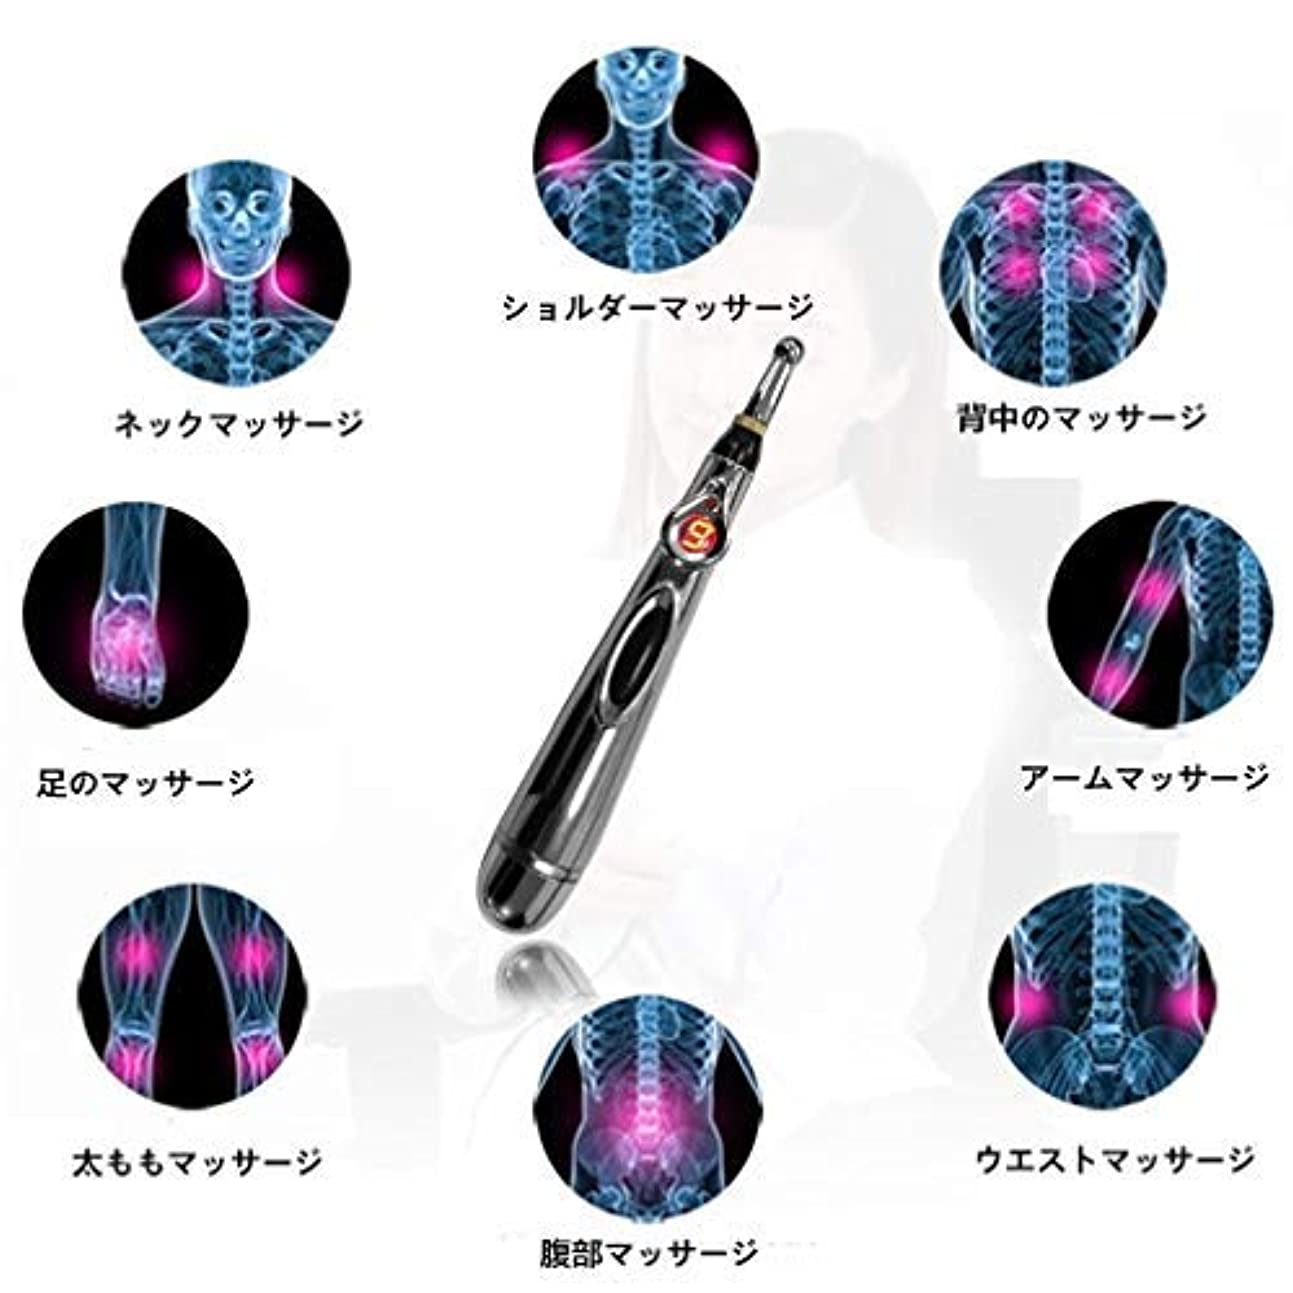 サービス自動巡礼者Y-Yuns アキュポイント マッサージペン押し ペン型マッサージ 電気鍼治療ポイントボディヘッドショルダーマッサージャー電子子午線エネルギーペン